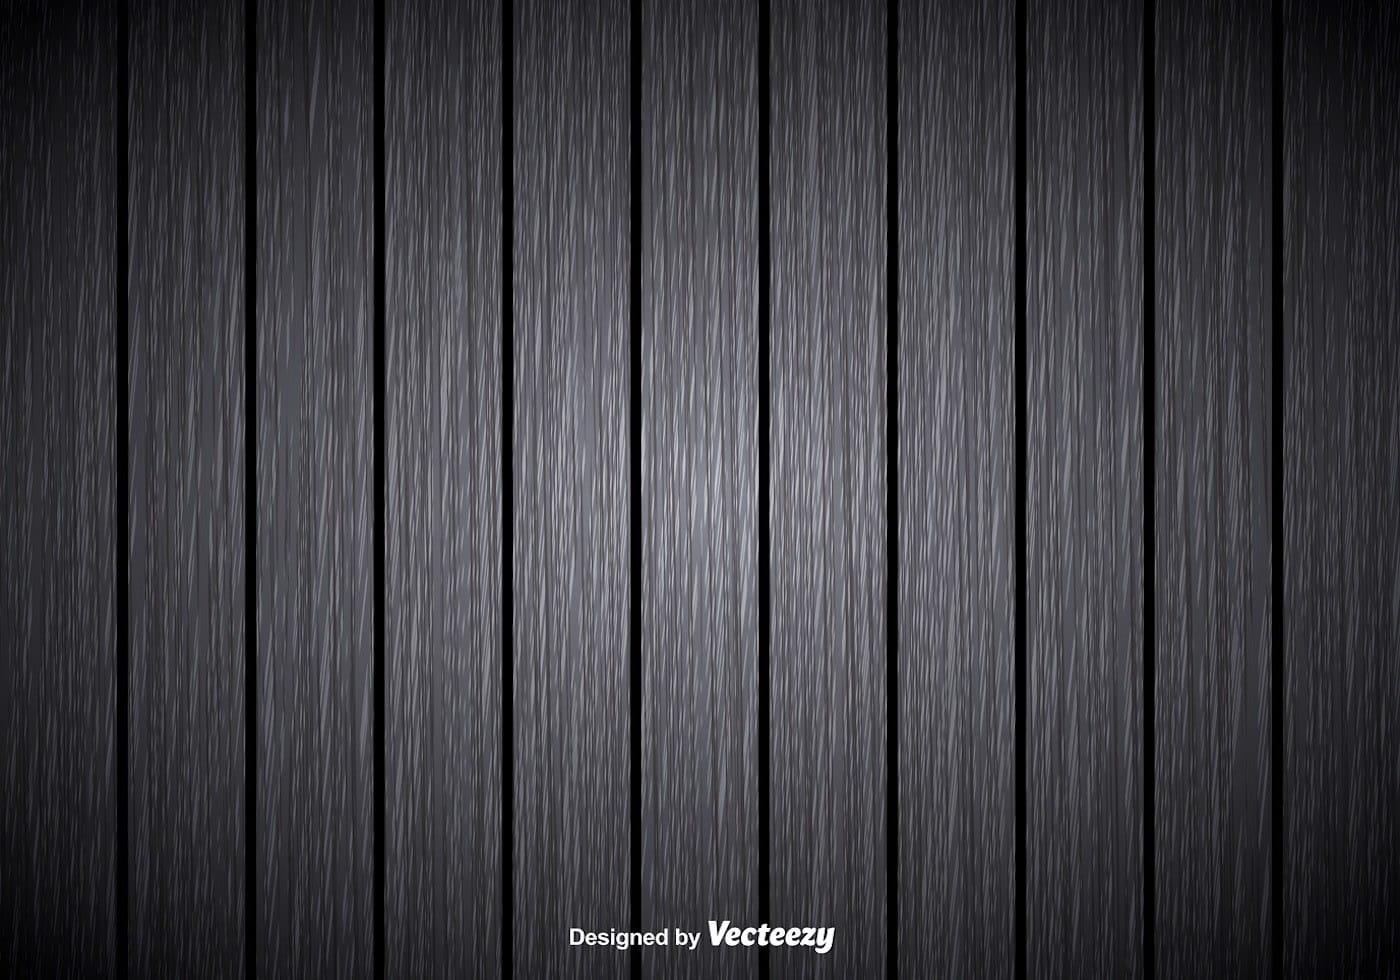 fond gris en bois telecharger